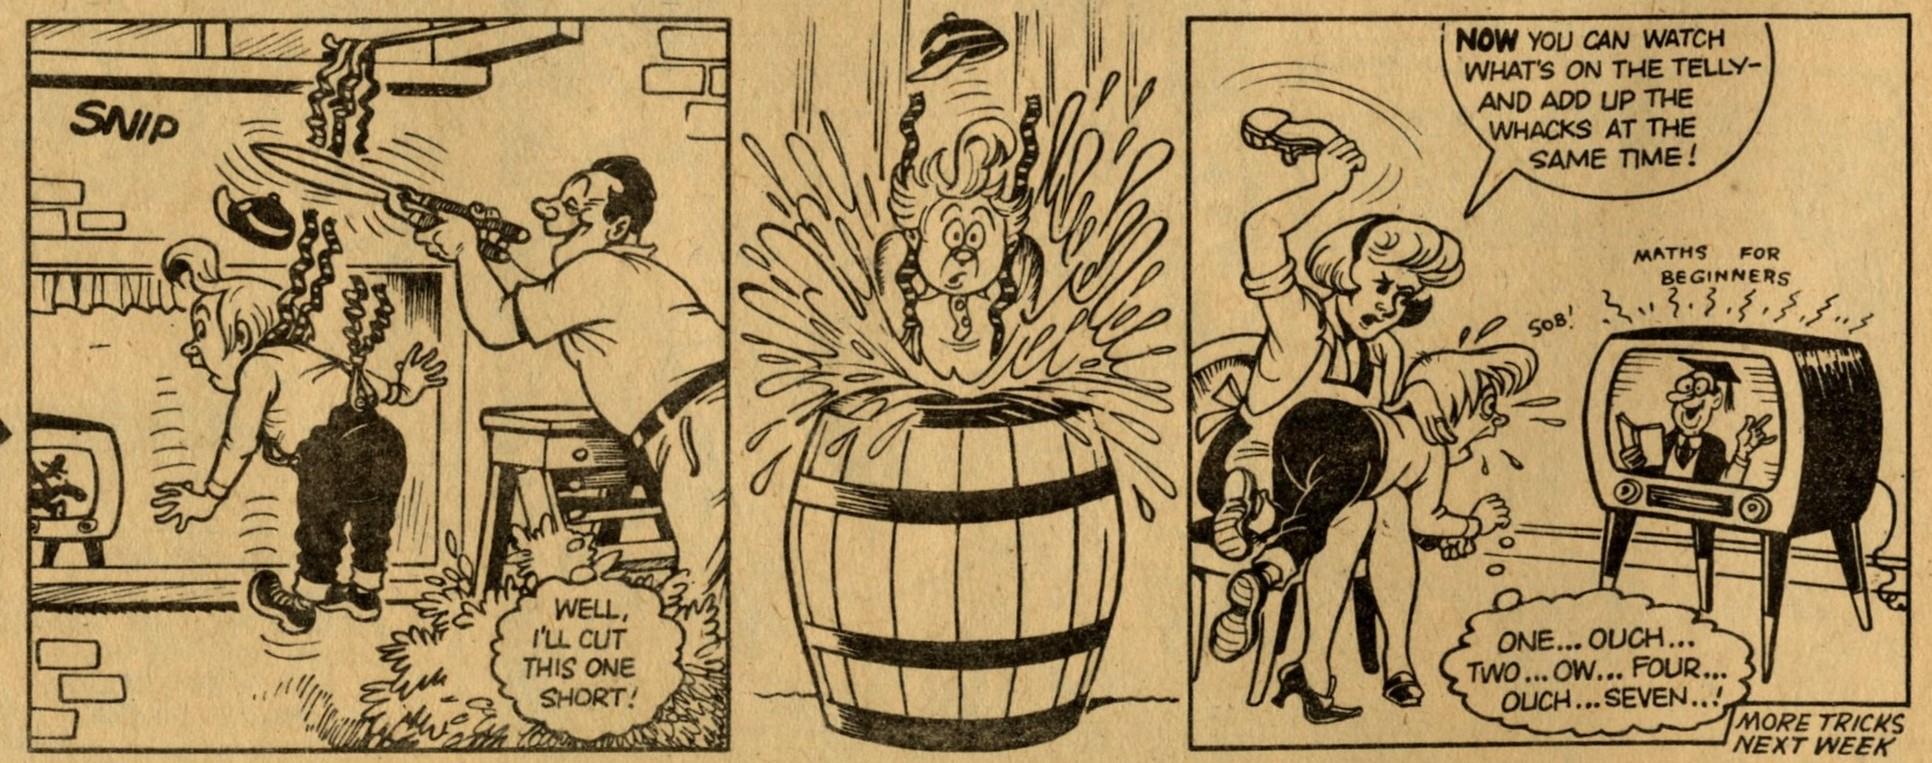 Tricky Dicky: Cyril Price (artist)